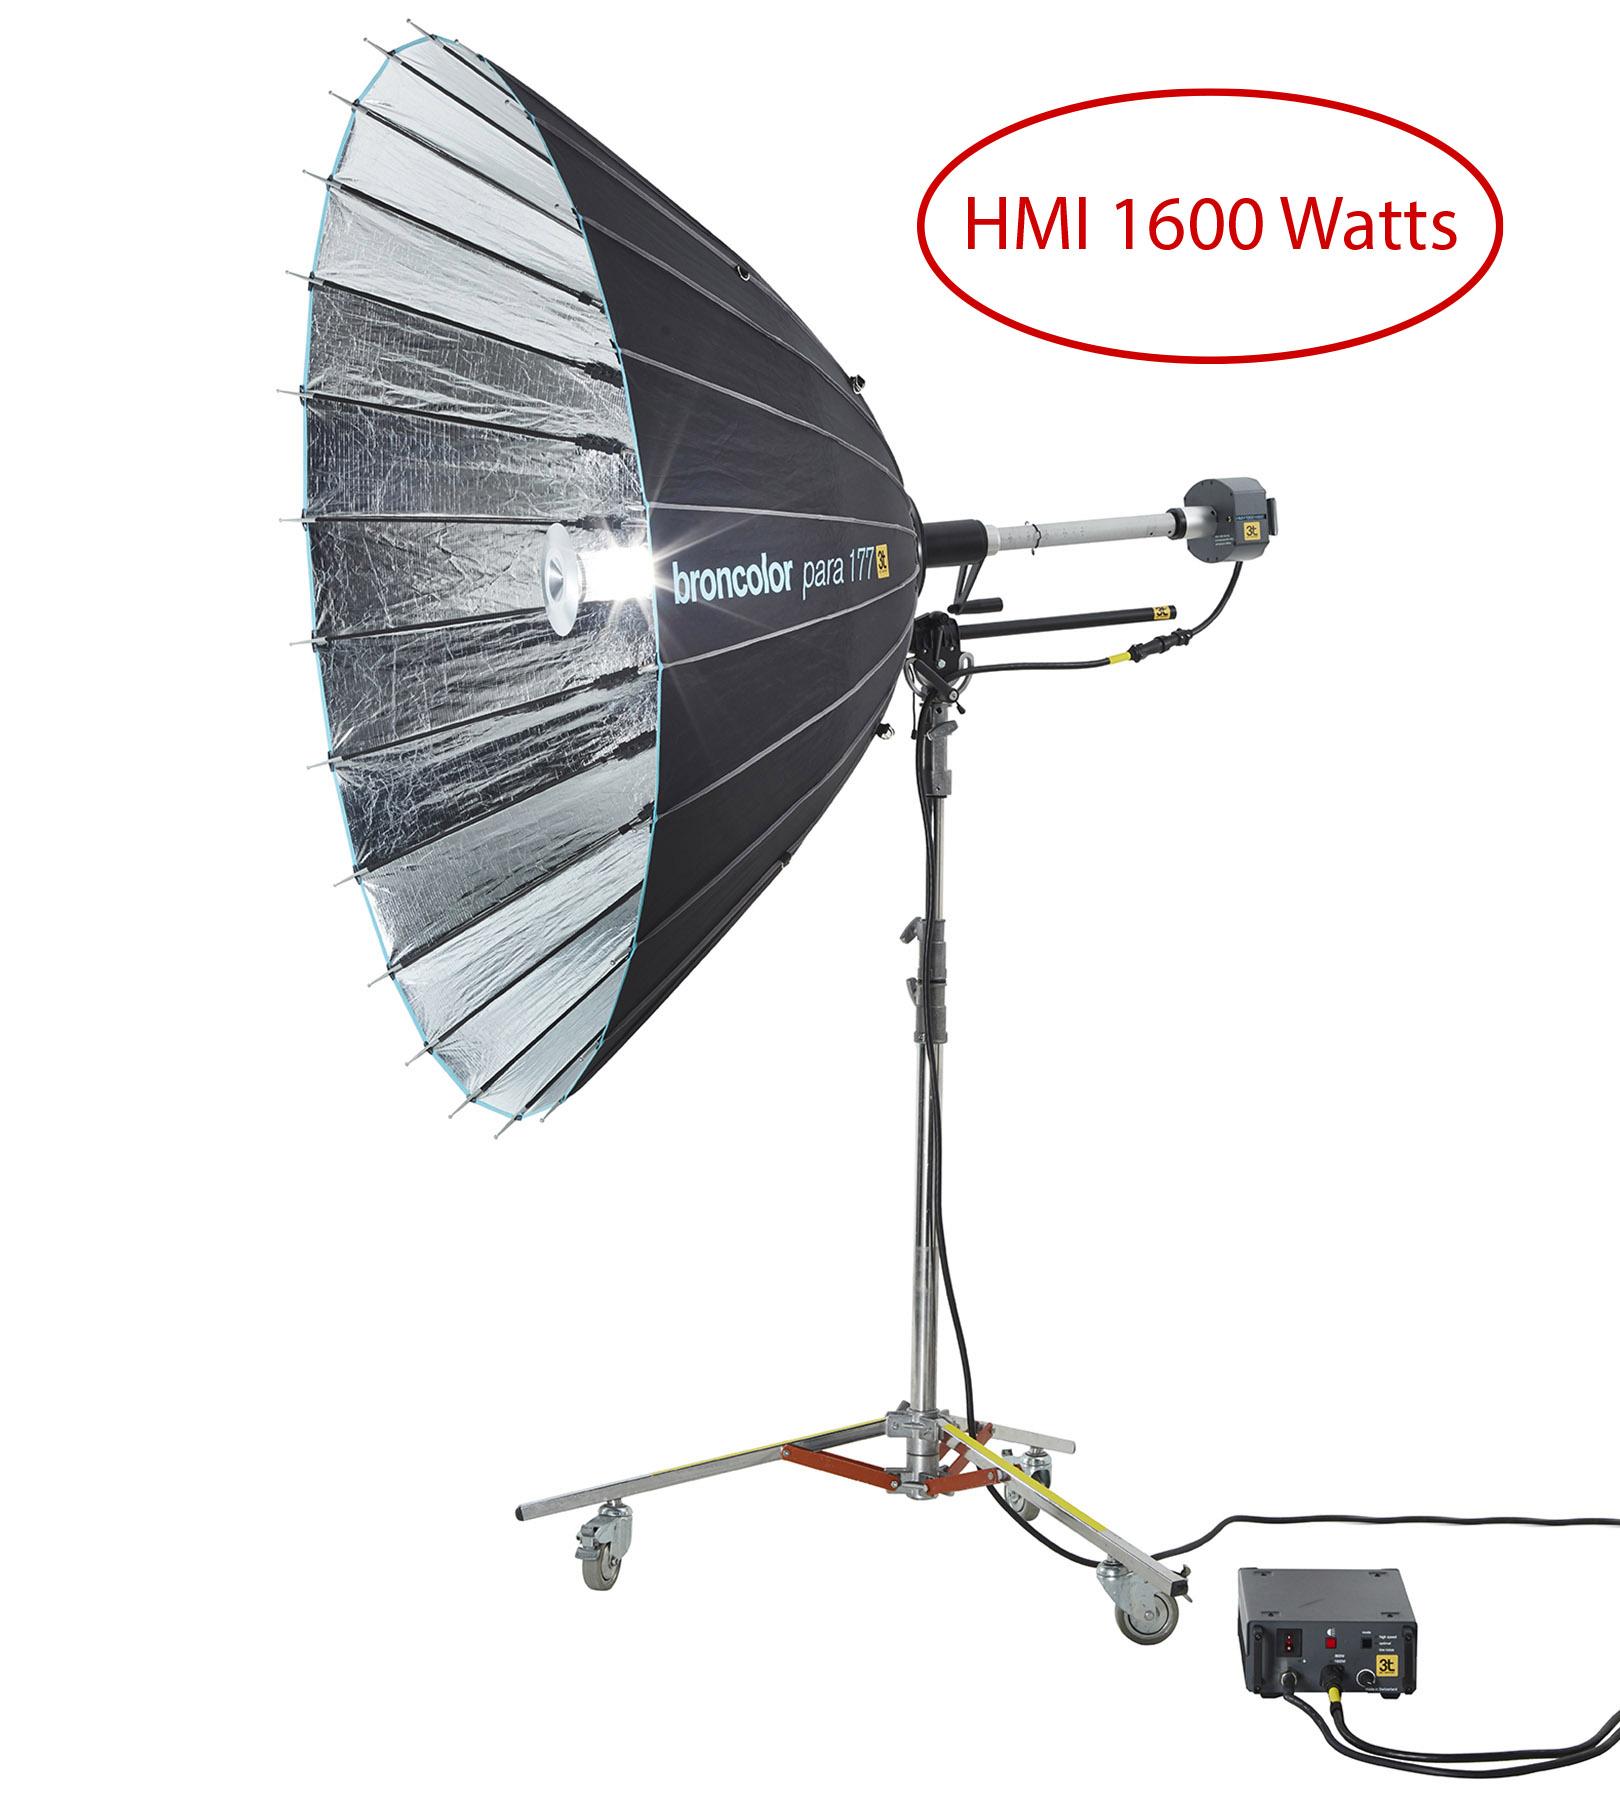 HMI Broncolor 1600w com refletor PARA 177 FT